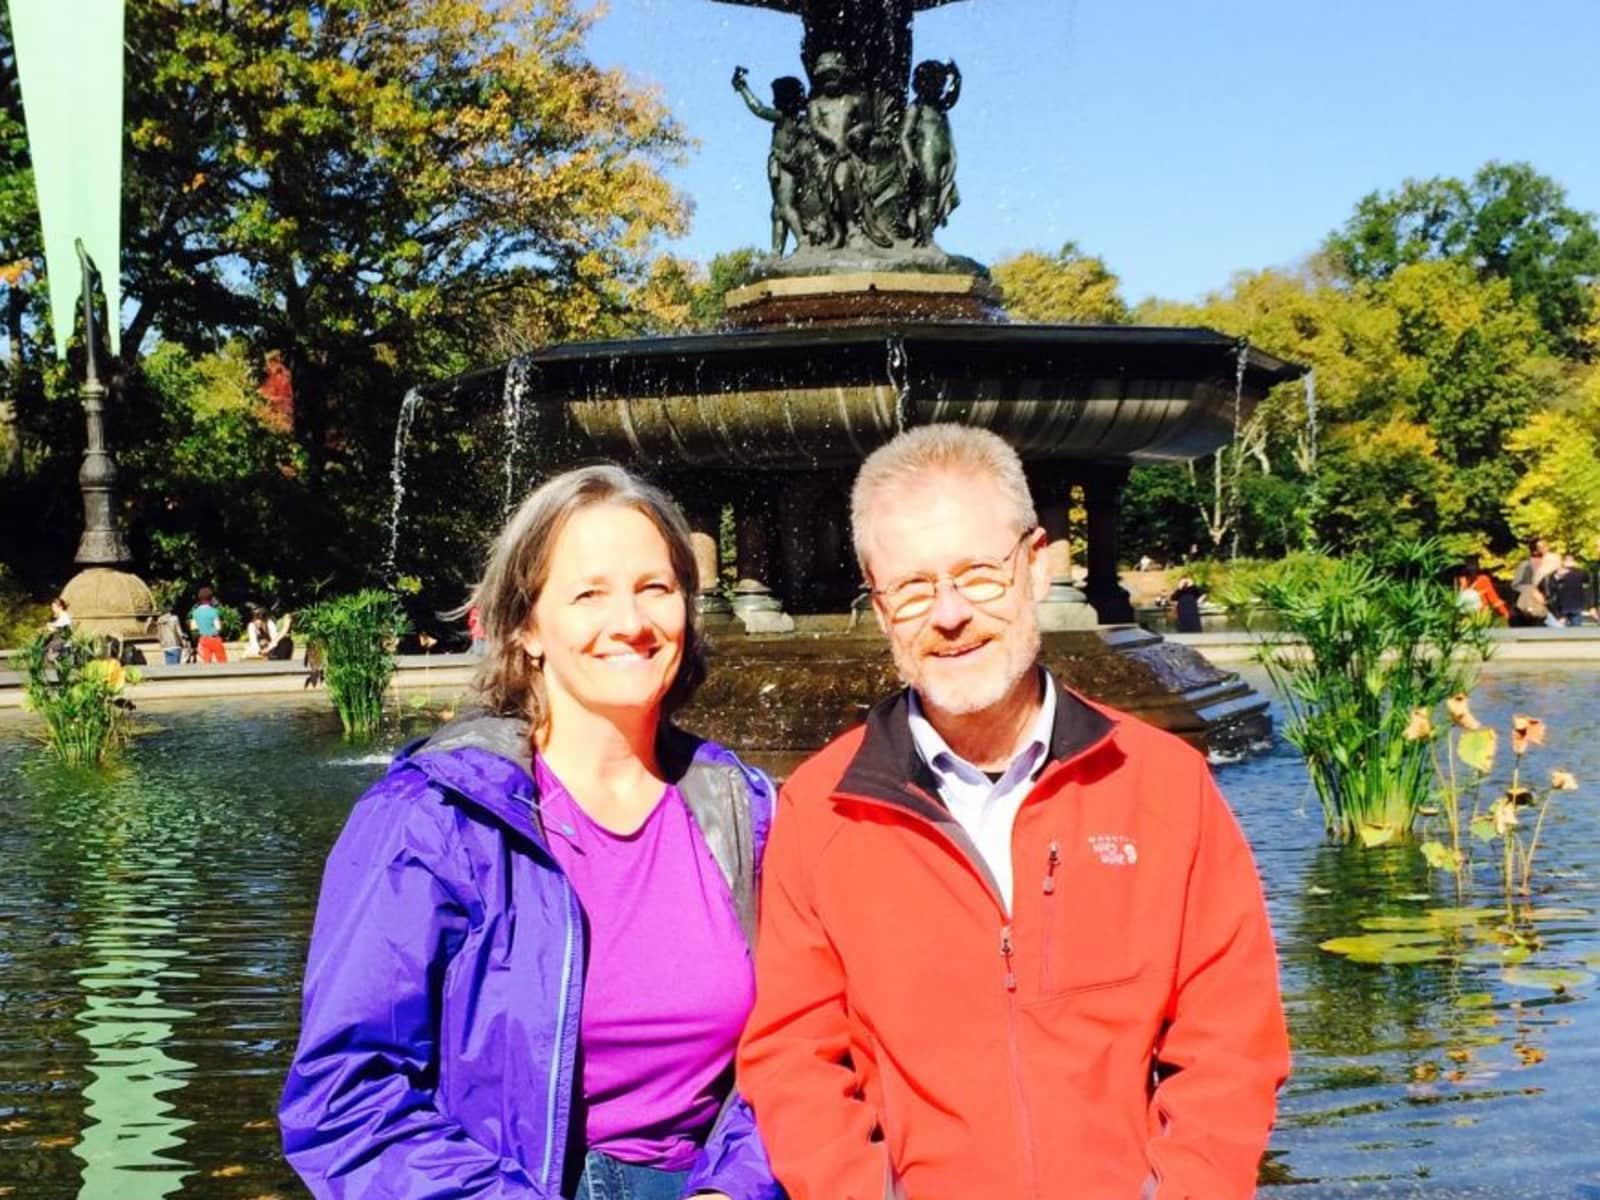 John & Mindy from Vancouver, Washington, United States